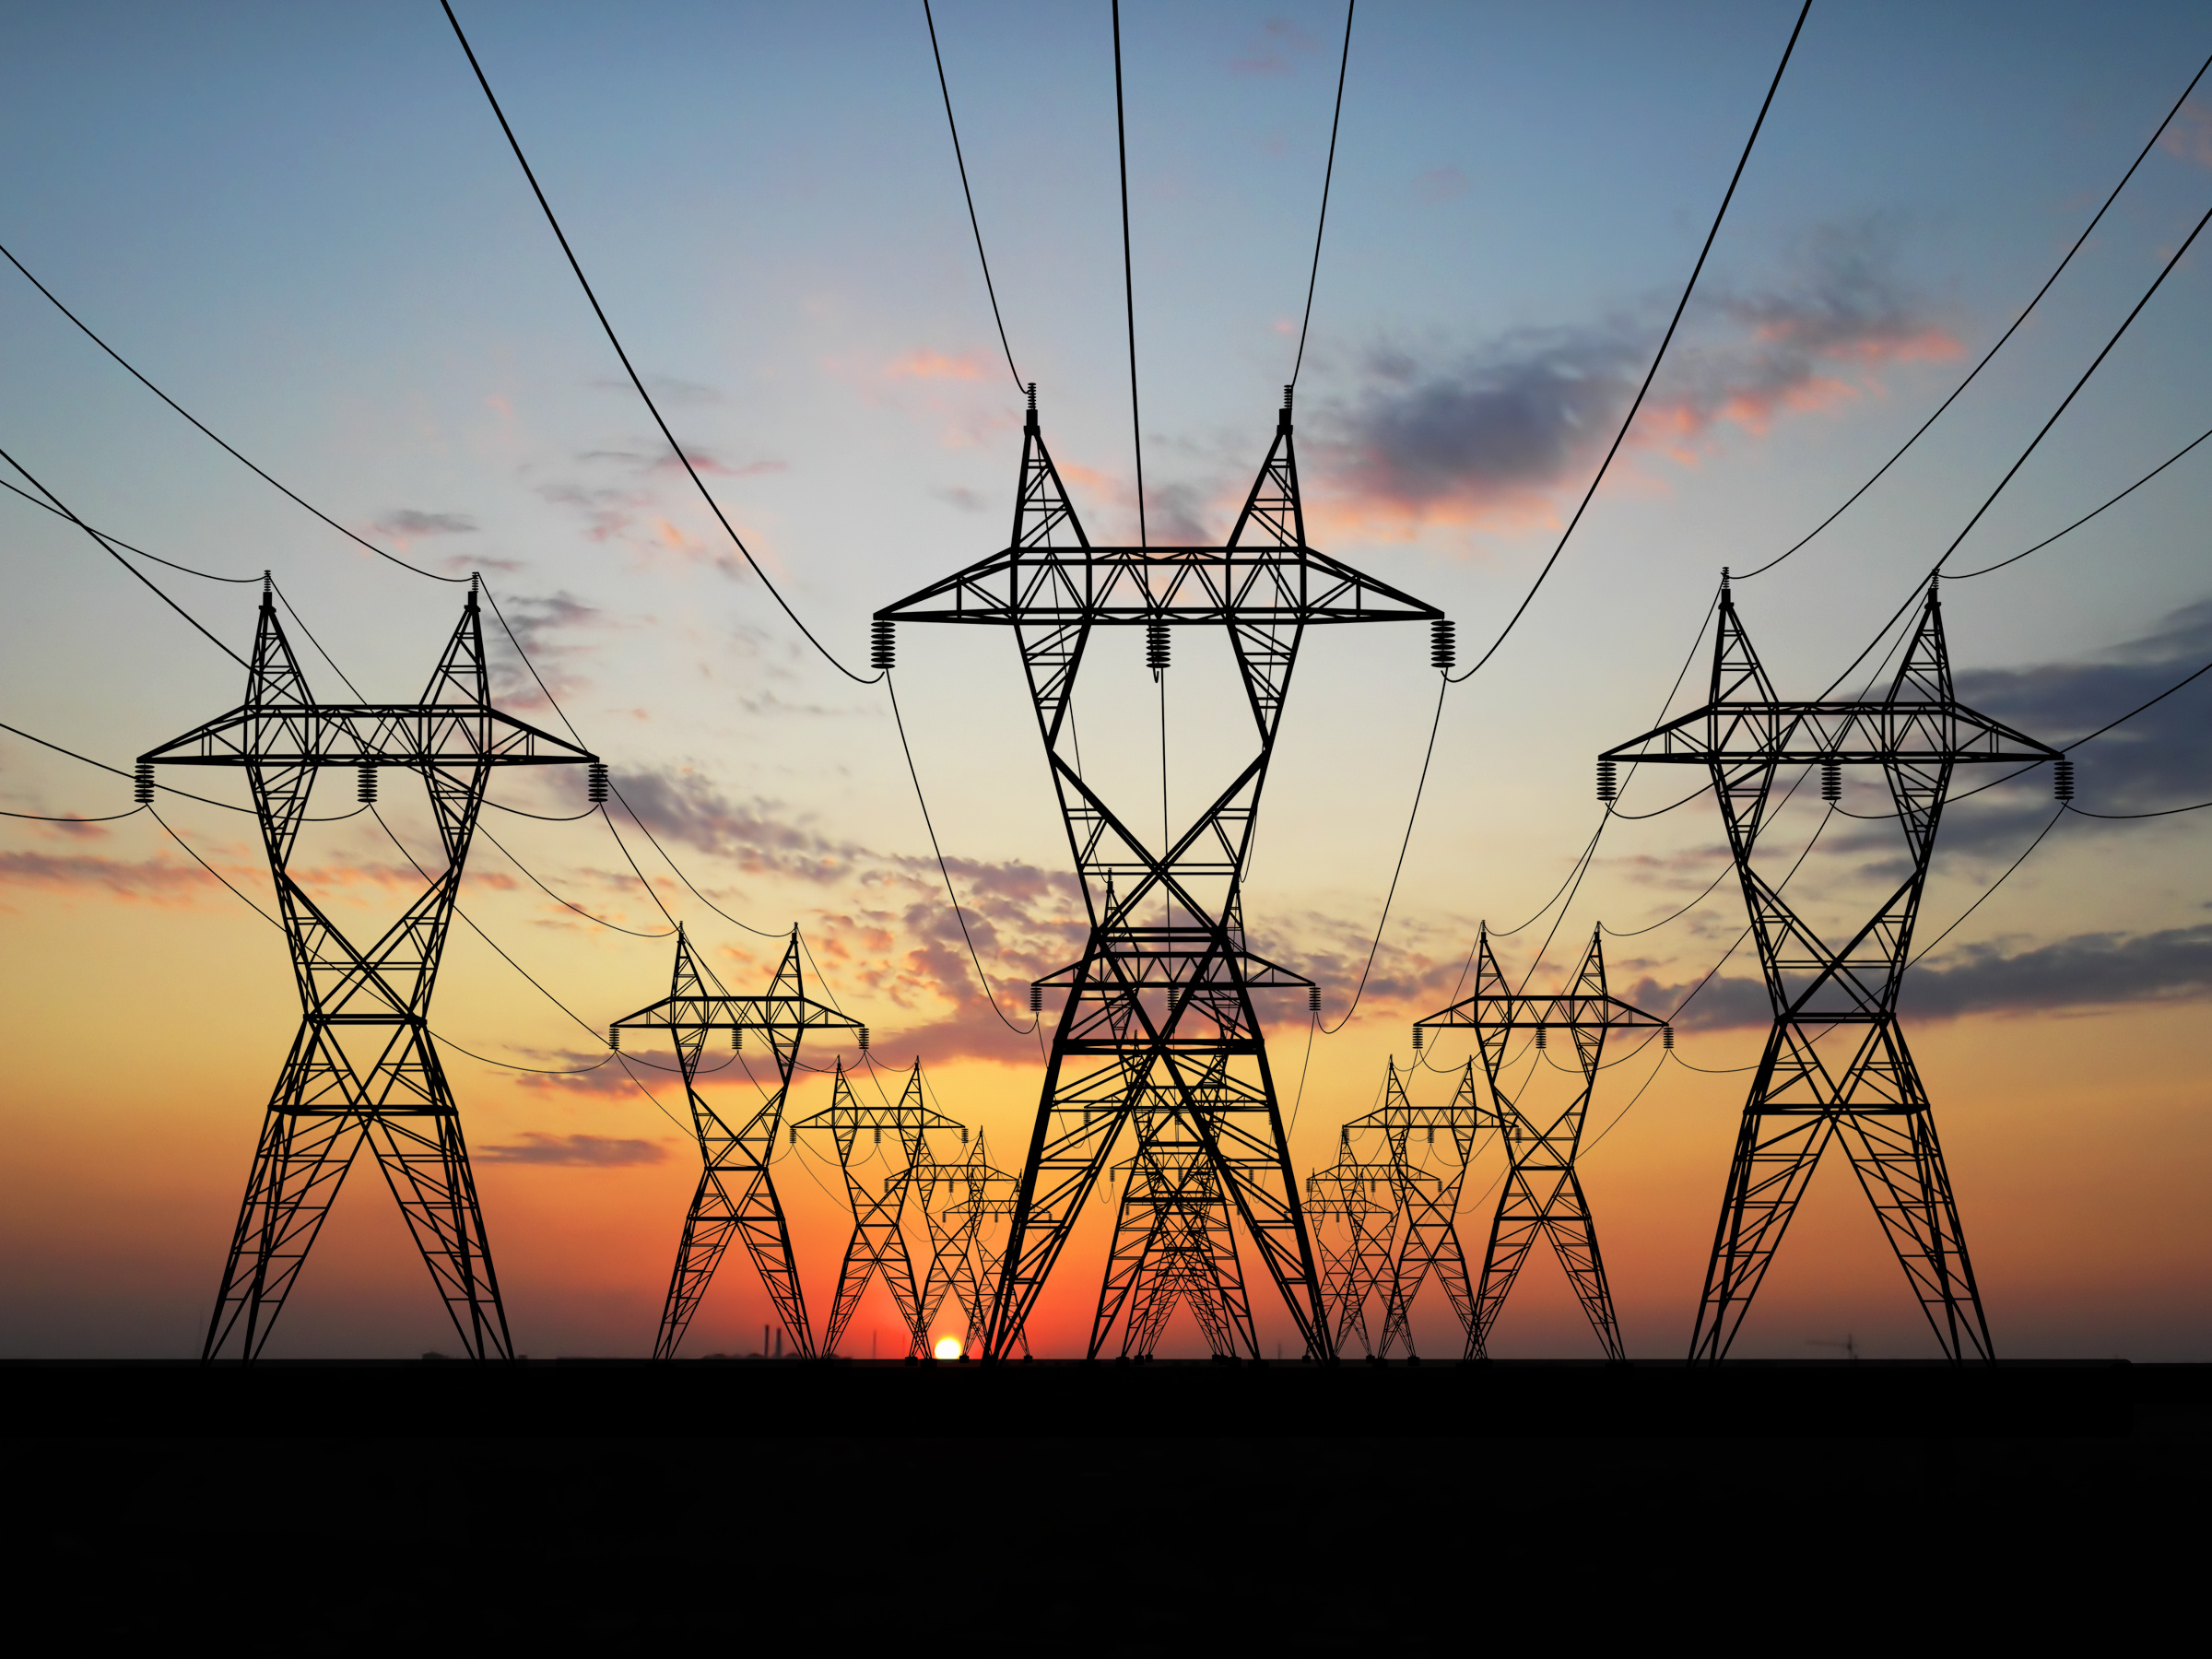 AVVISO DI INTERRUZIONE DELL'ENERGIA ELETTRICA